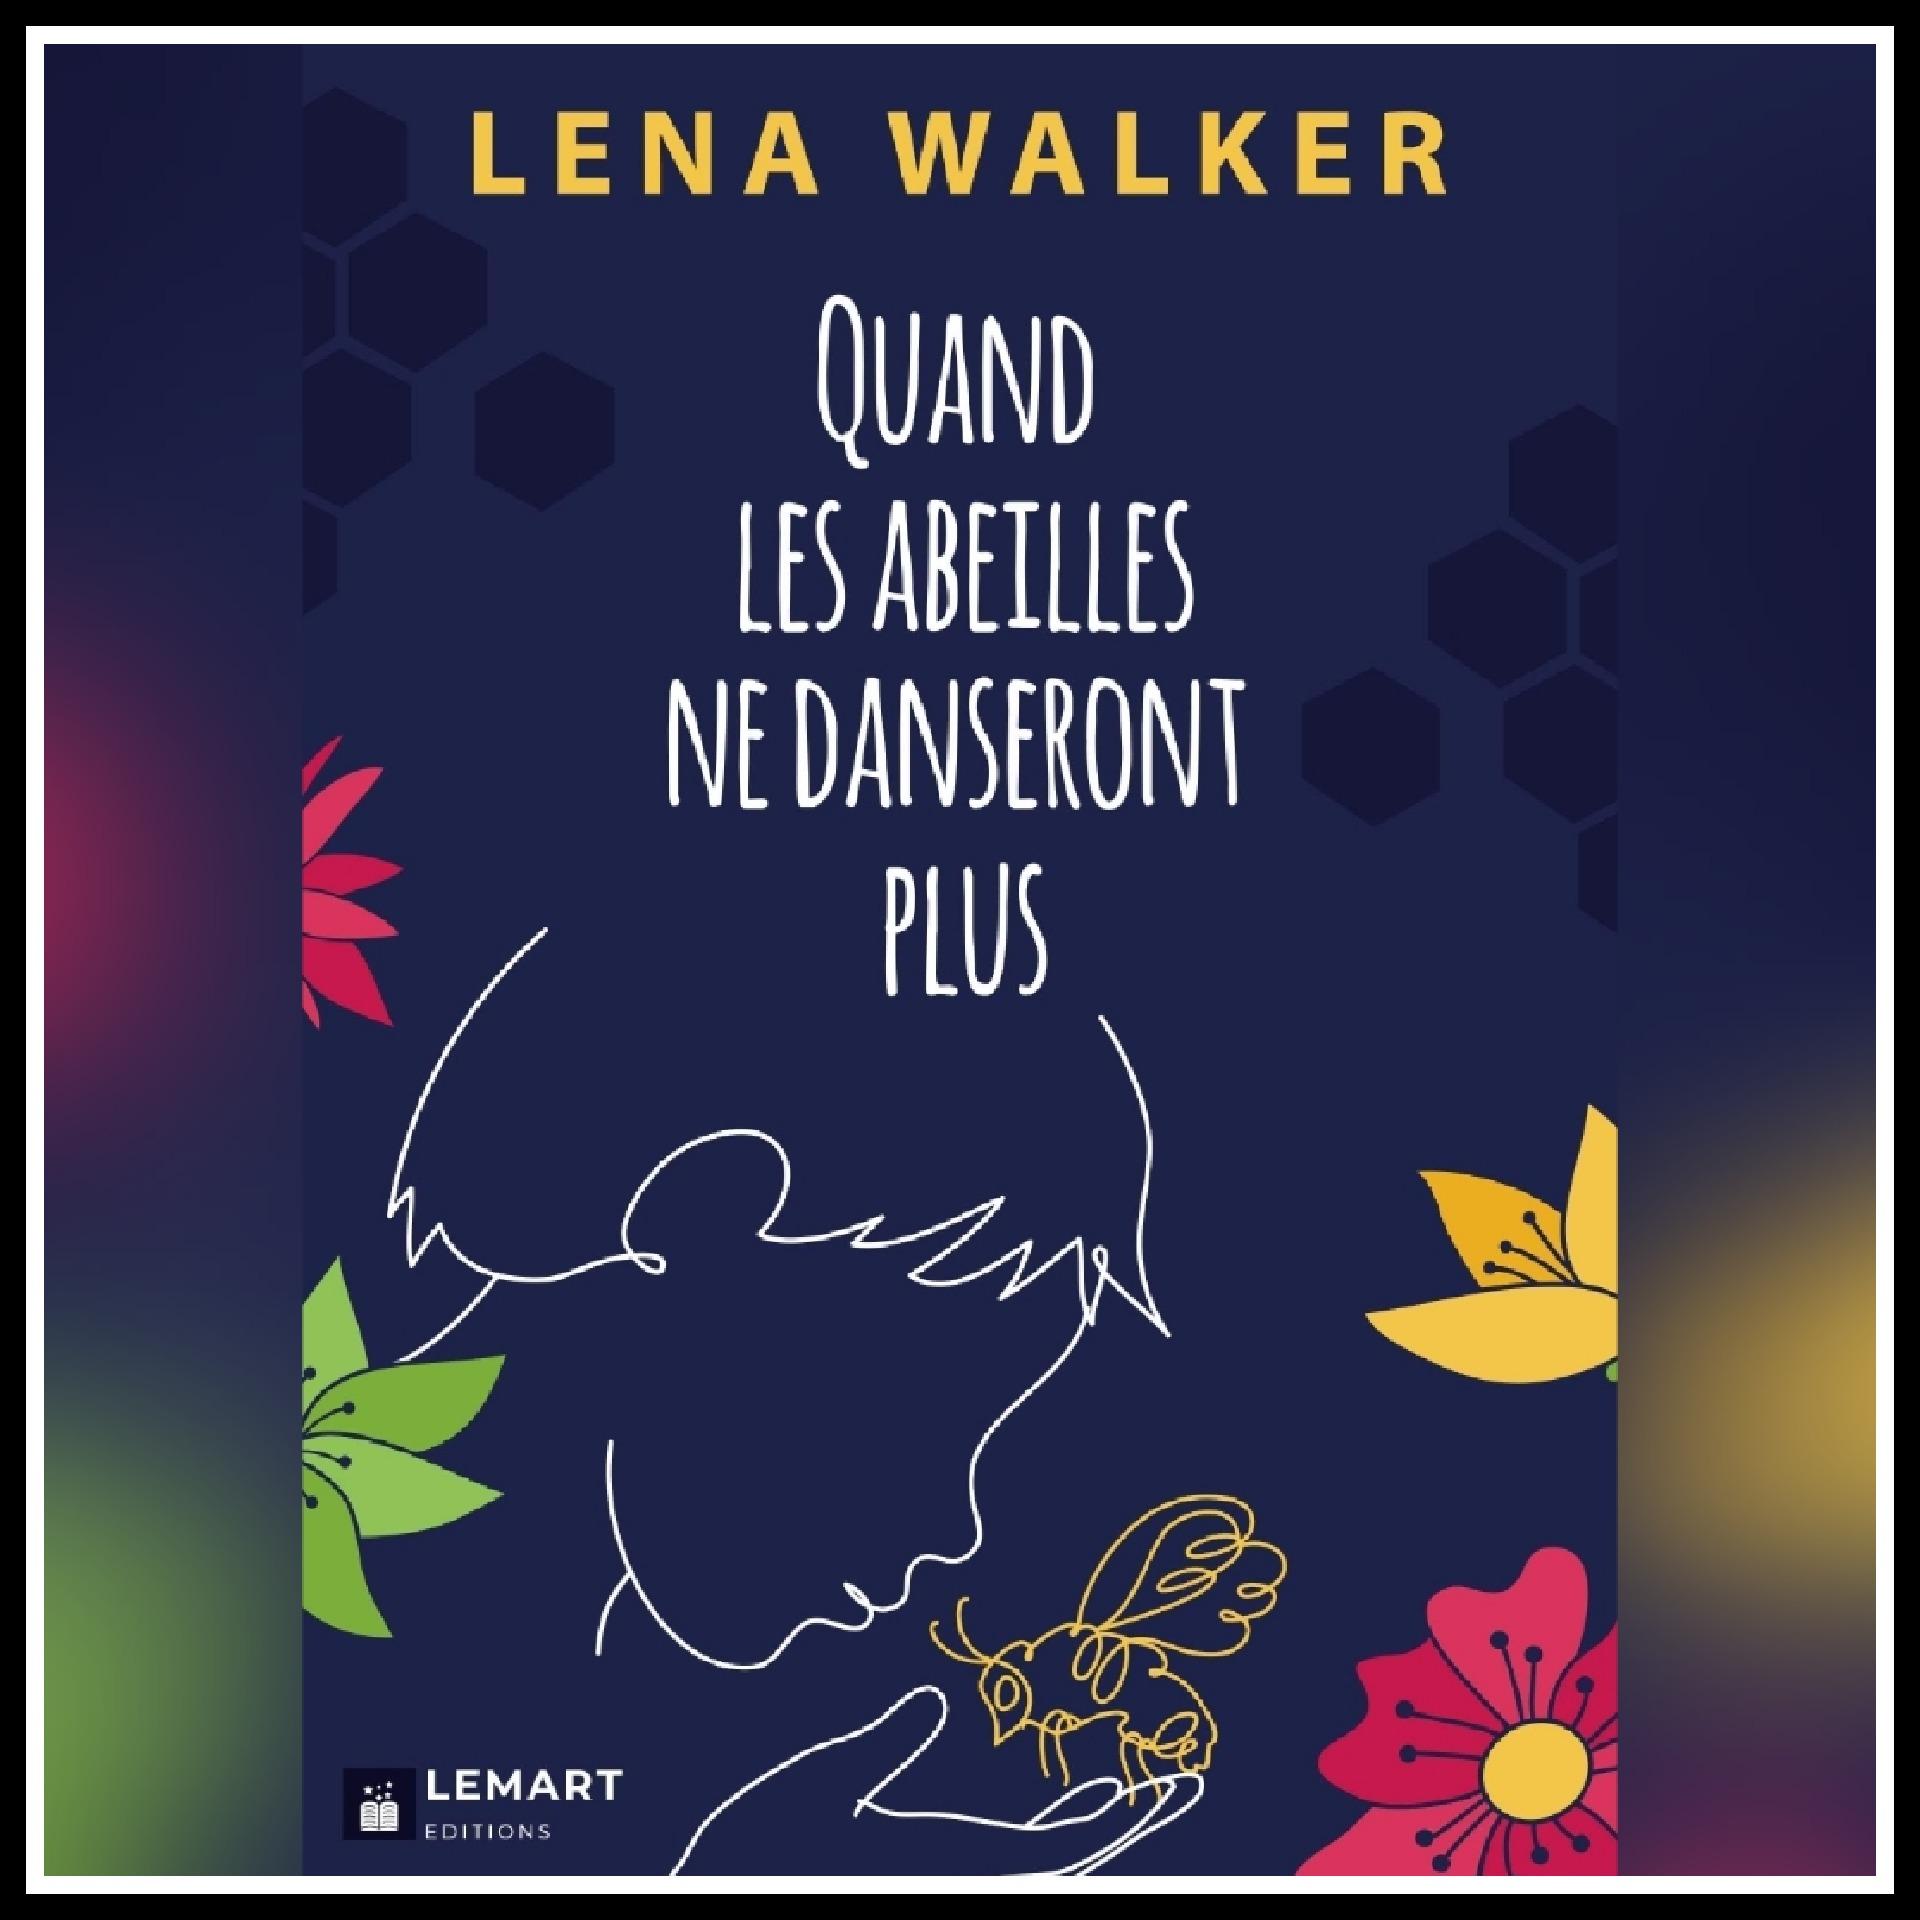 Chroniques 2021 \ Quand les abeilles ne danseront plus de Lena Walker